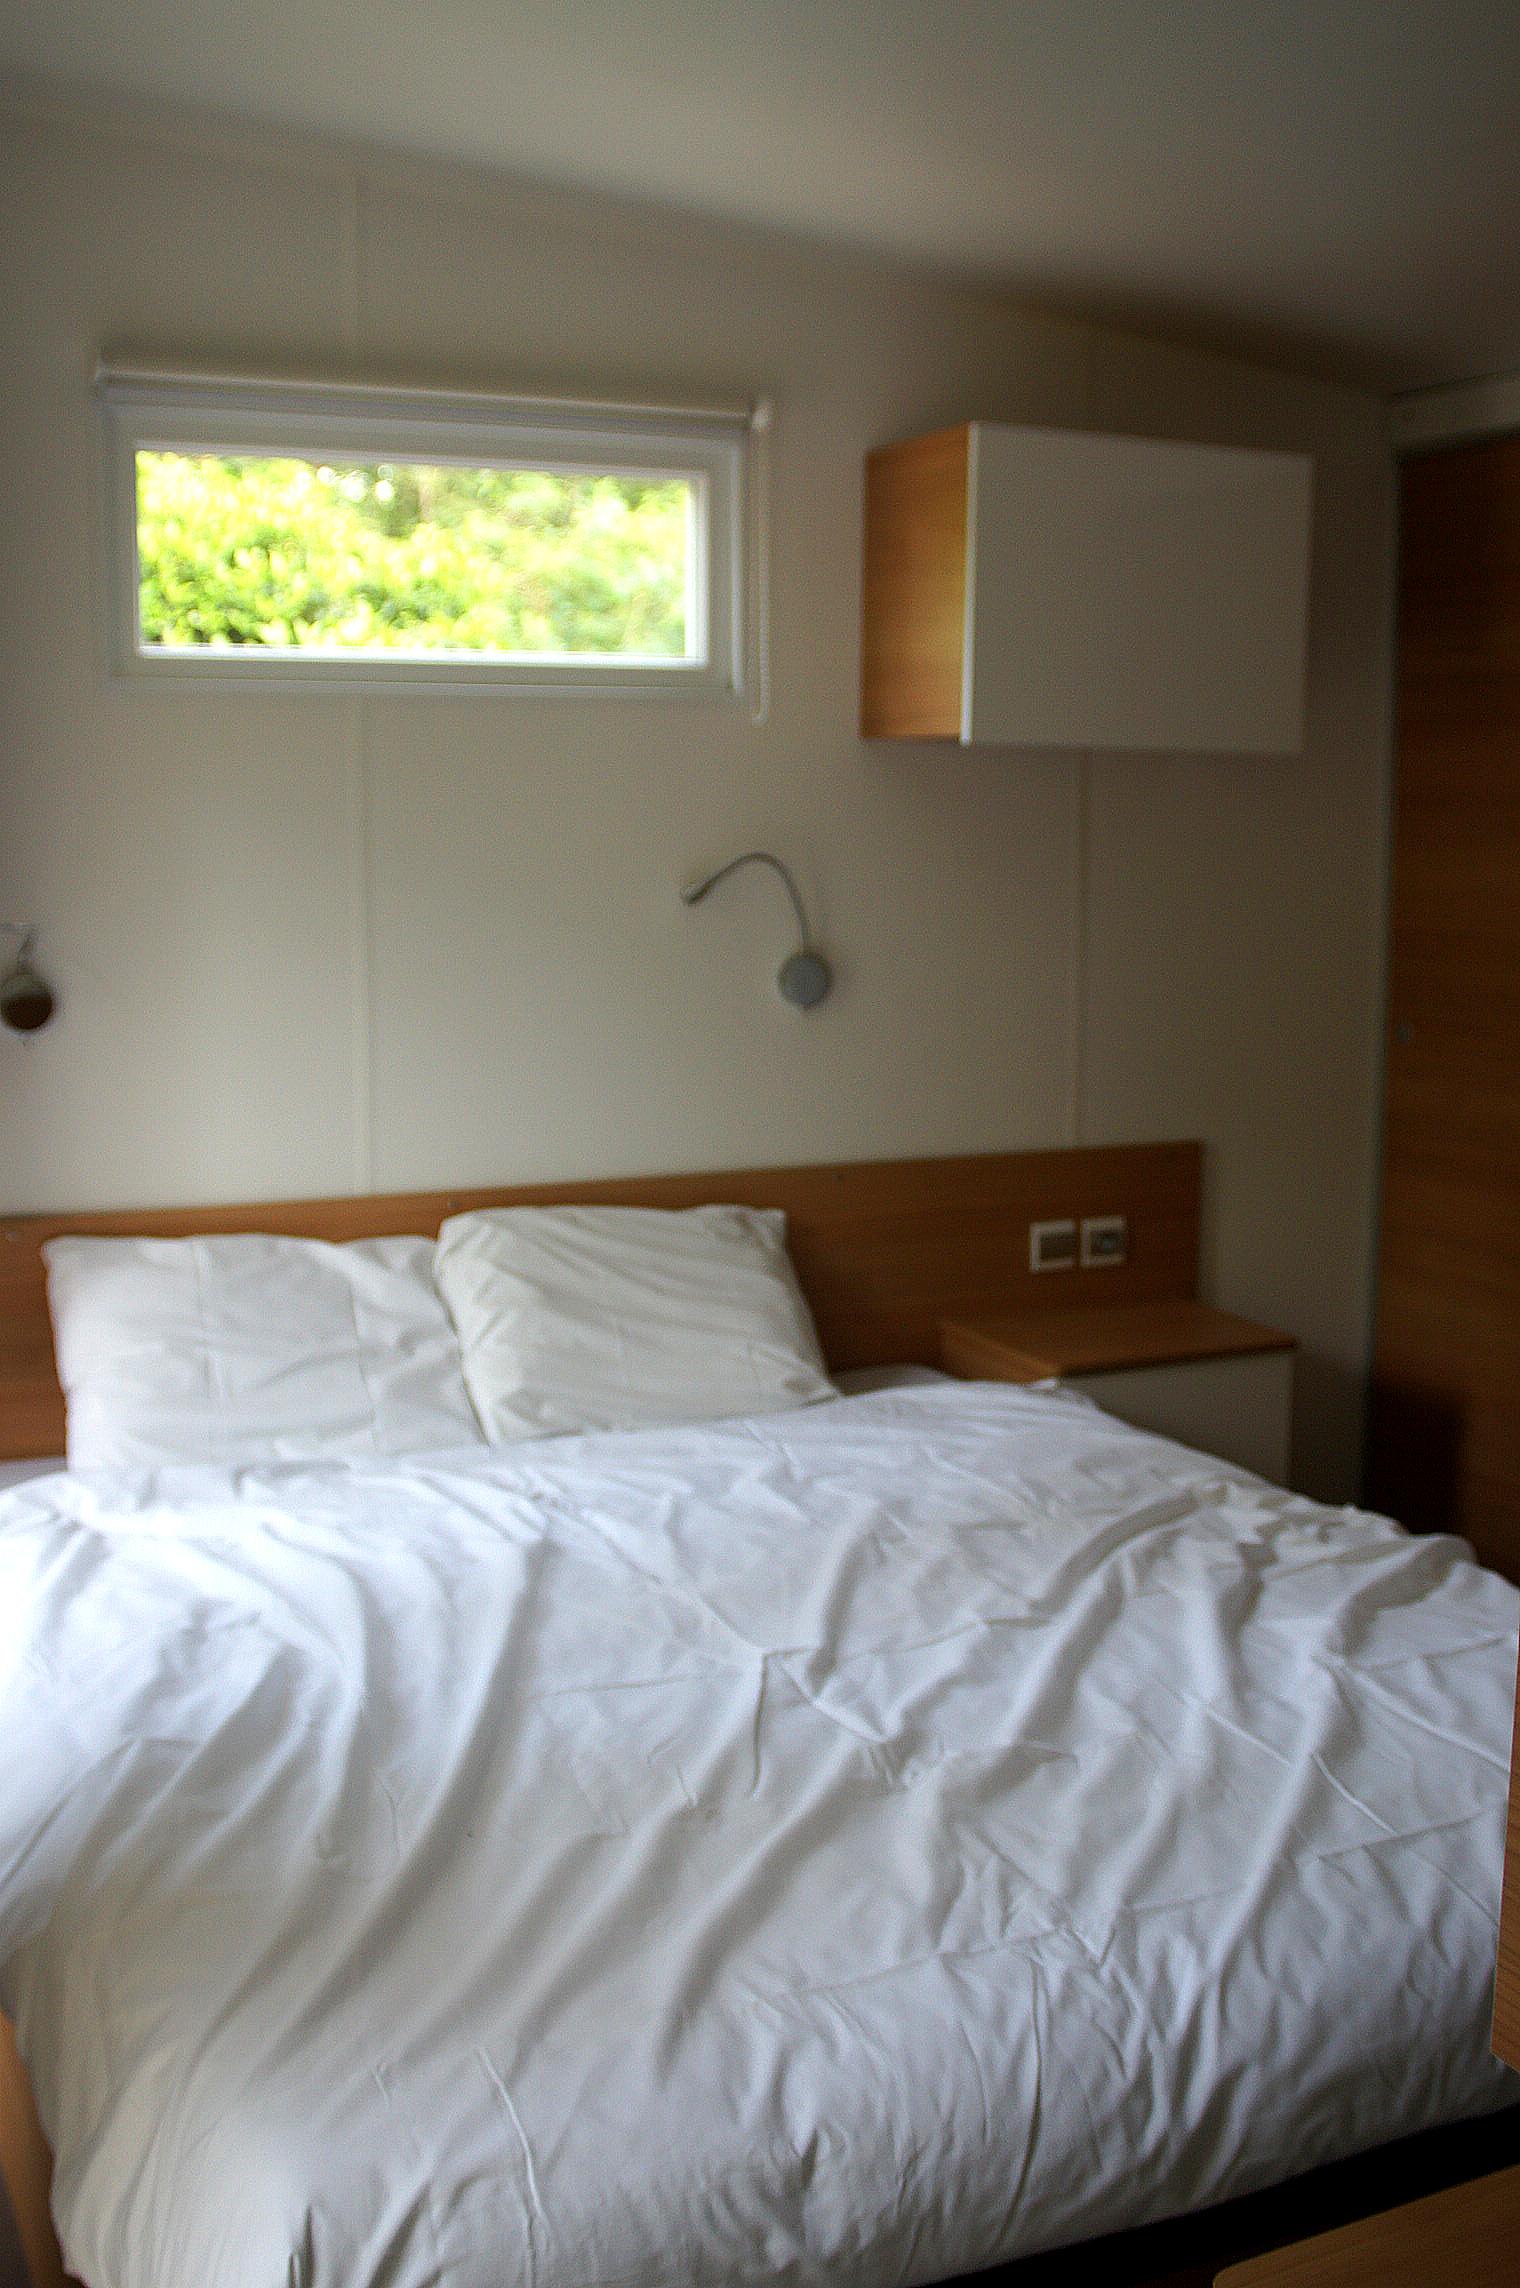 Elternschlafzimmer mit Platz für ein Babybett.